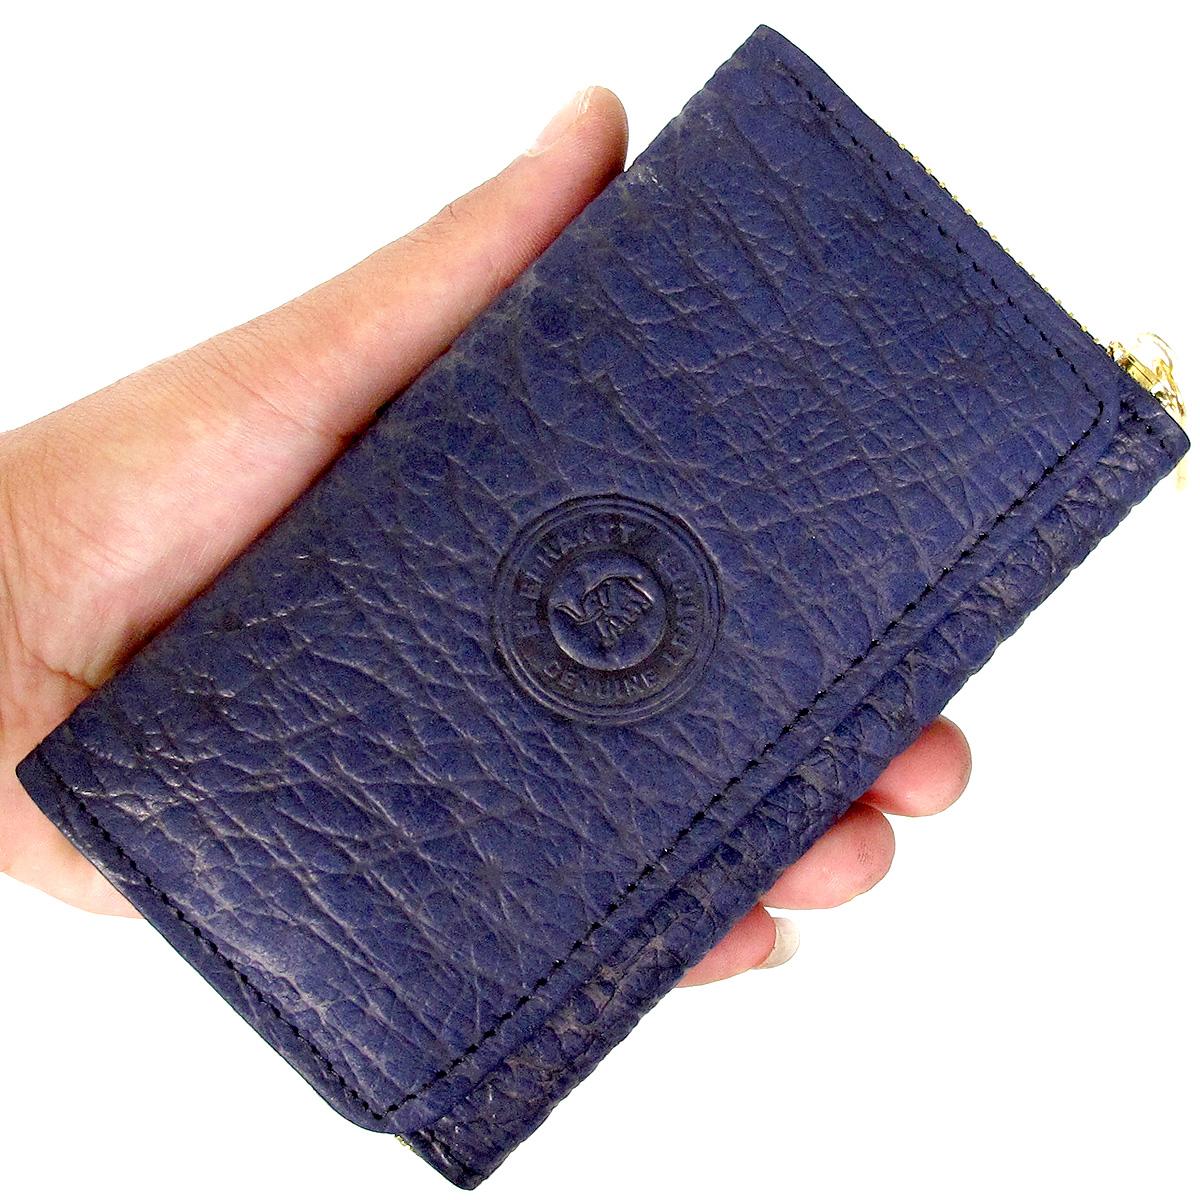 กระเป๋าสตางค์ 3 พับ ลายหังช้าง ElephantPatttern_1032